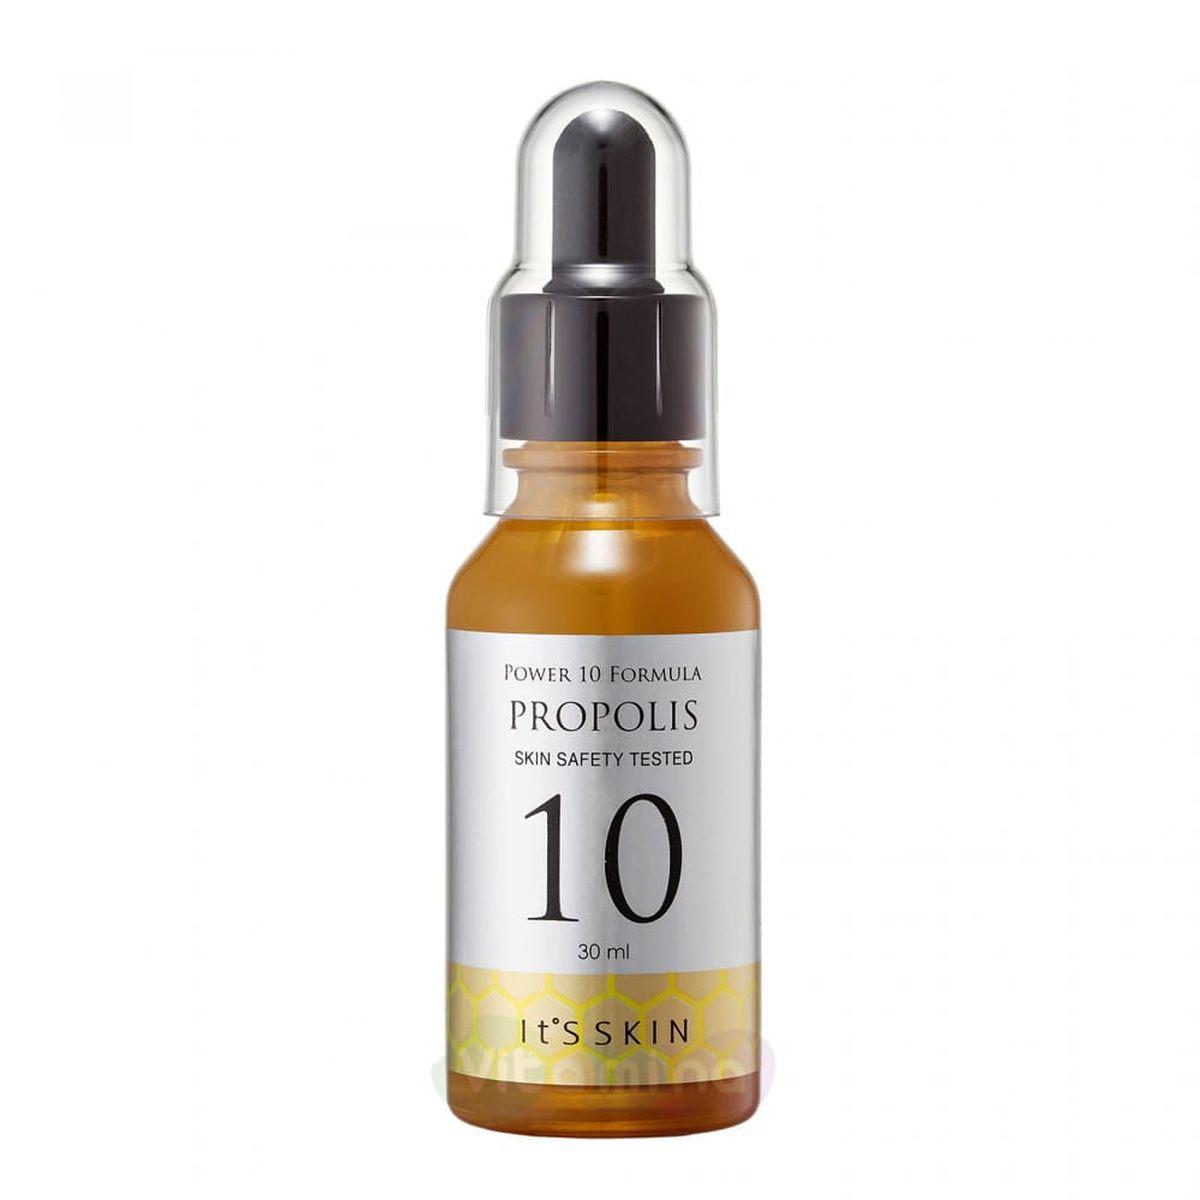 Успокаивающая сыворотка для лица It's Skin Power 10 Formula Propolis - 30 мл